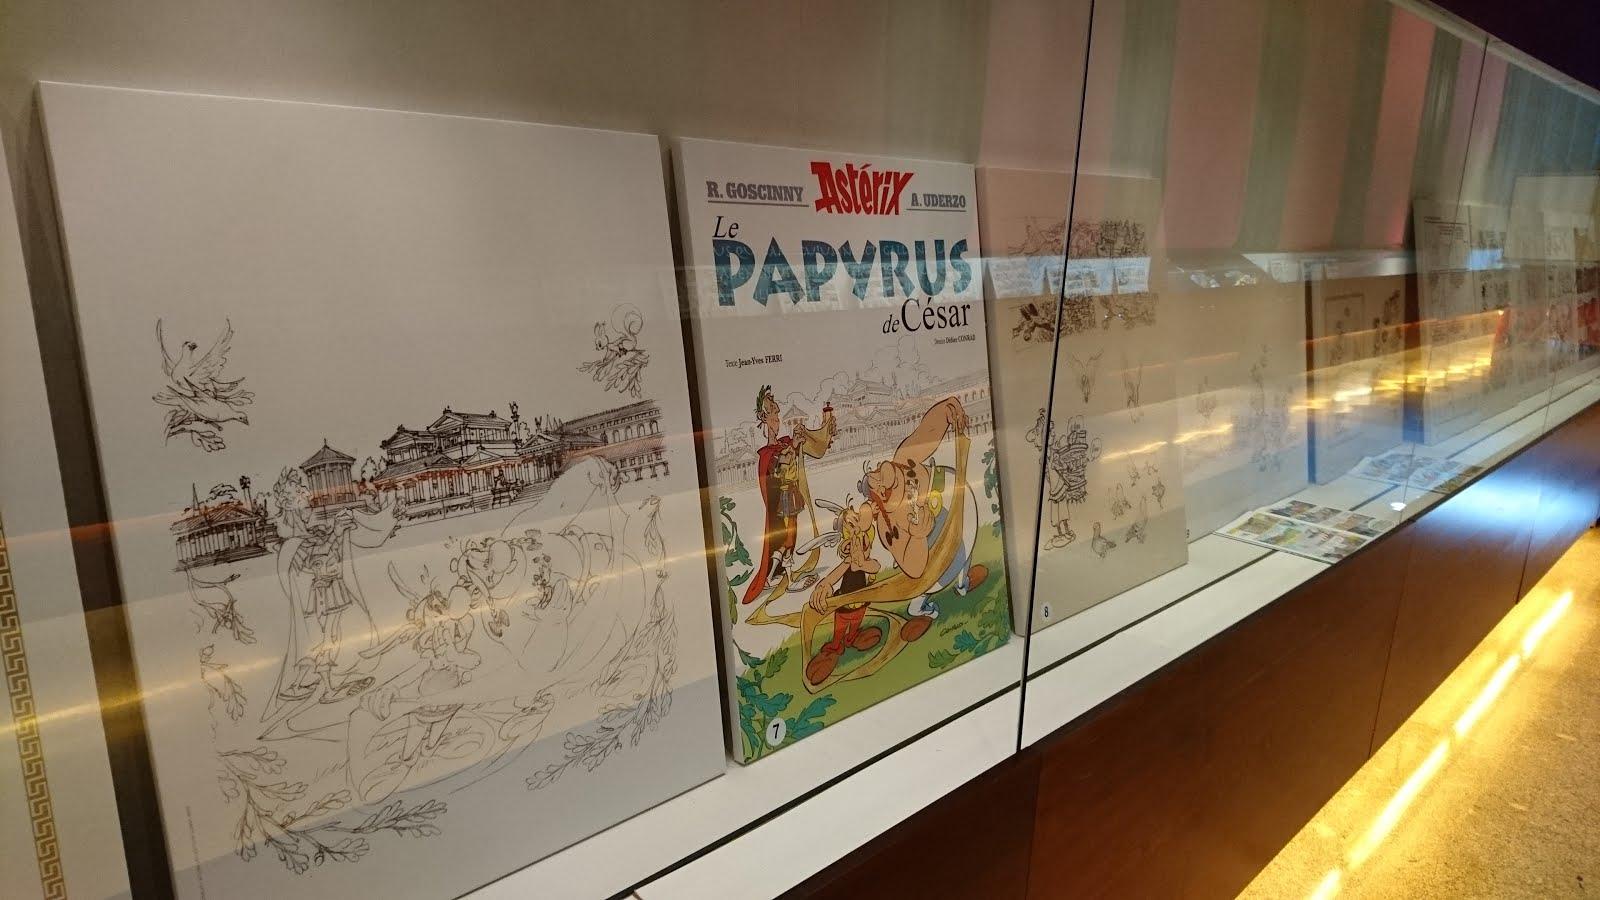 Exposición 'Astérix, imágenes del álbum 36, El Papiro del César' en #fls16